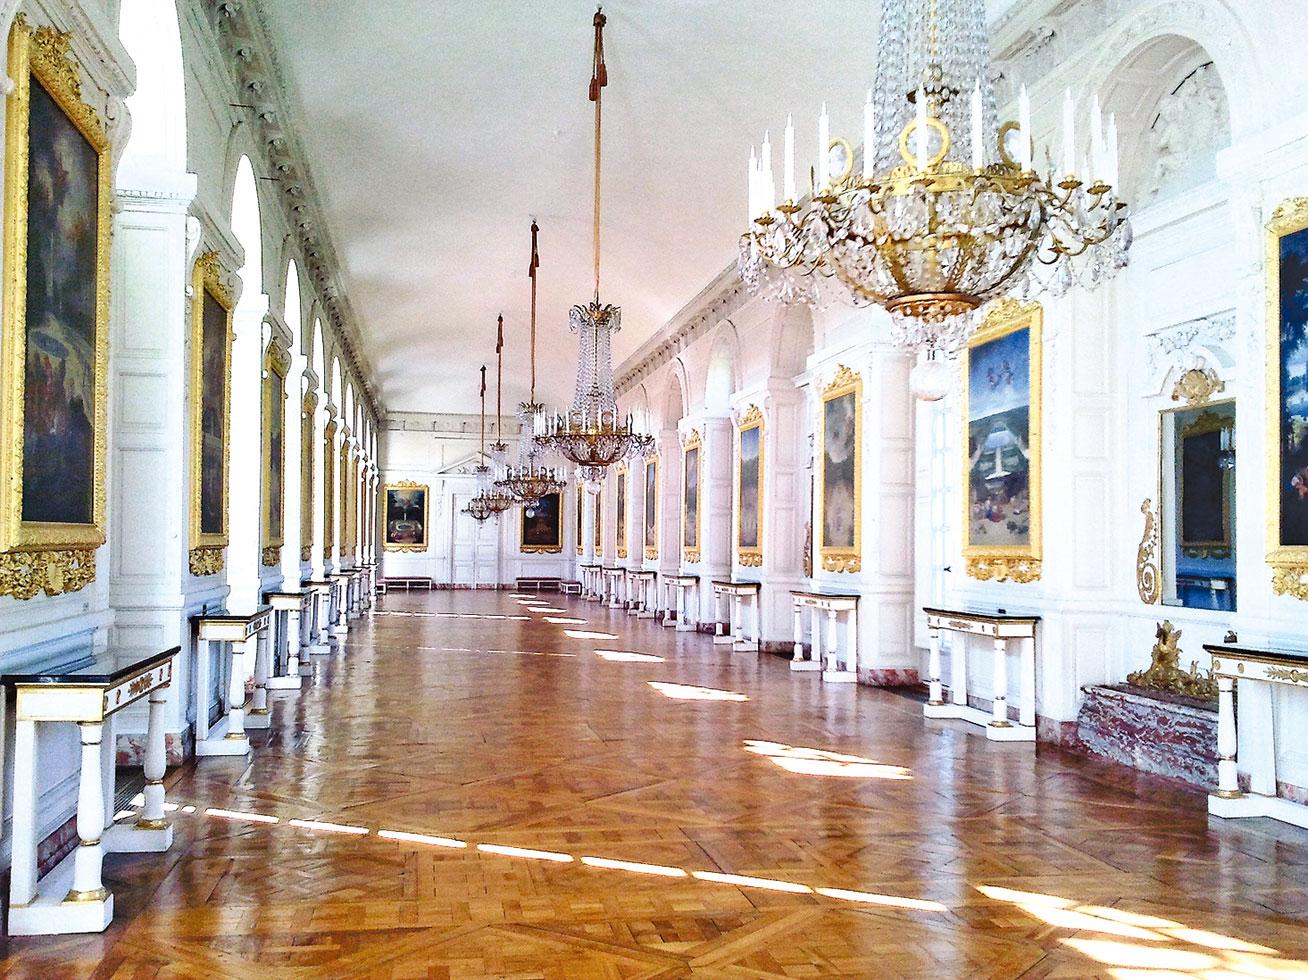 科戴爾廊。(La galerie des Cotelle)(Jmpoirier1/ Wikimedia Commons)